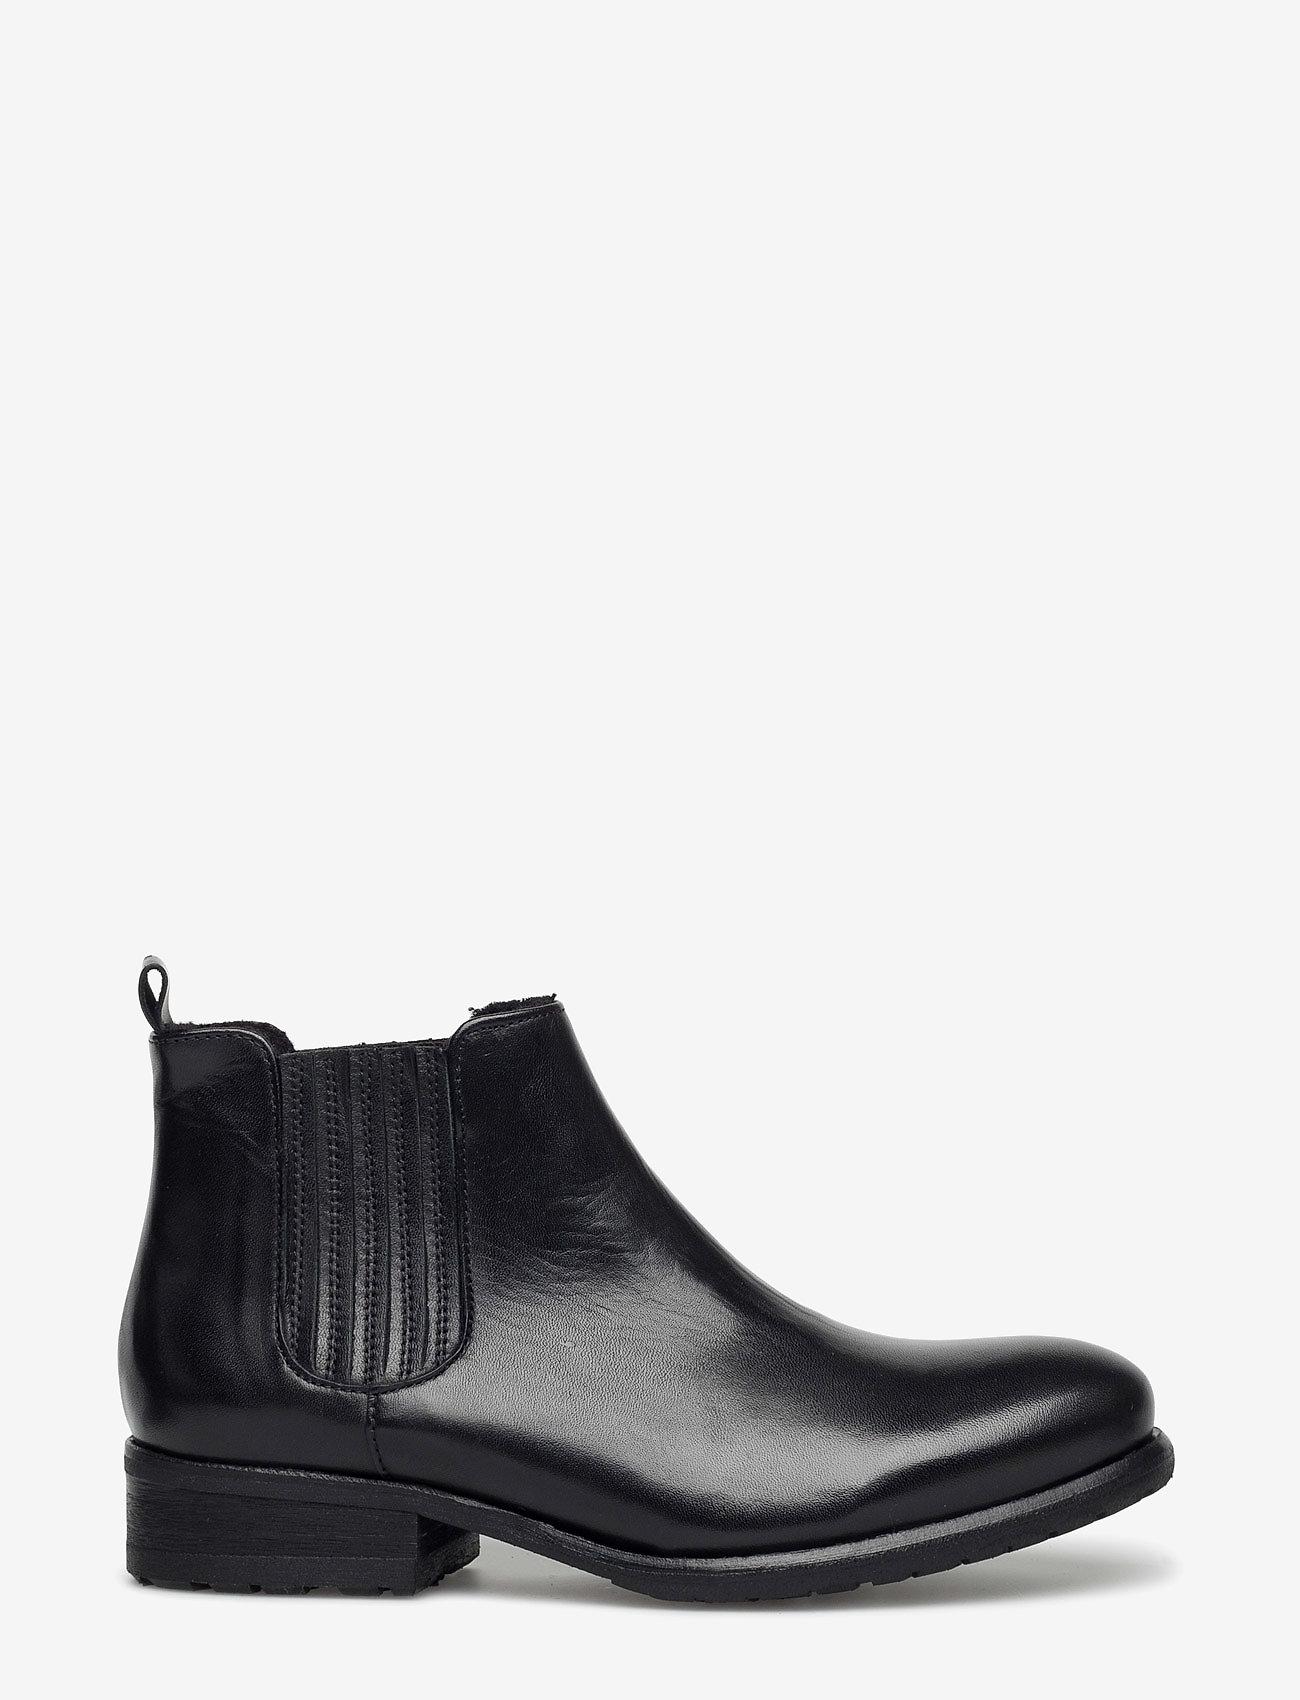 Billi Bi - BOOTS - flate ankelstøvletter - black calf 60 - 1